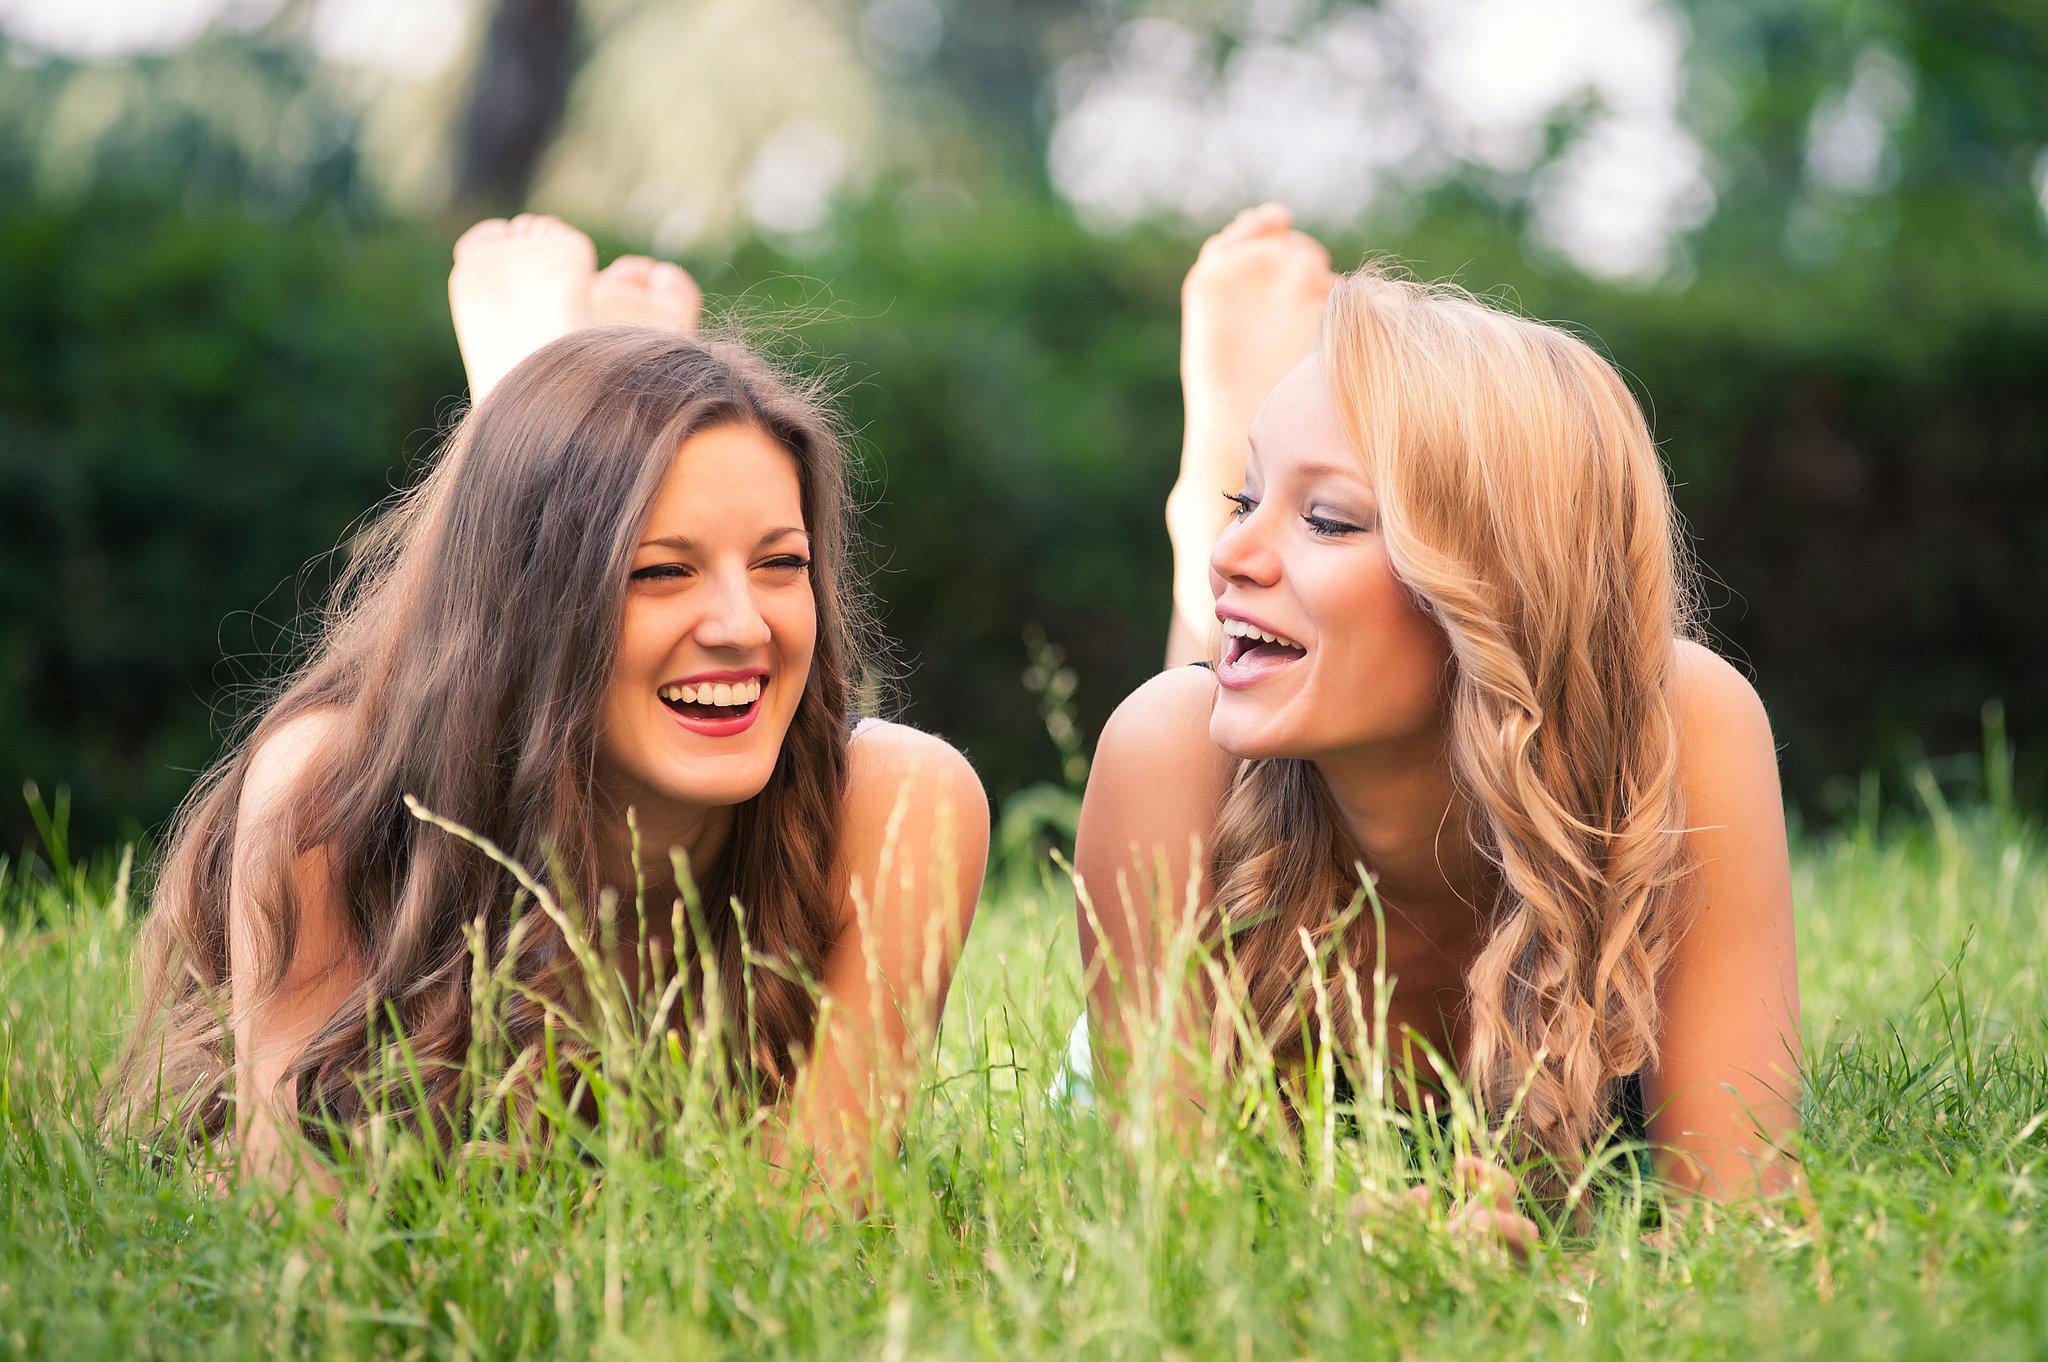 Фото две девочки с красивыми 19 фотография